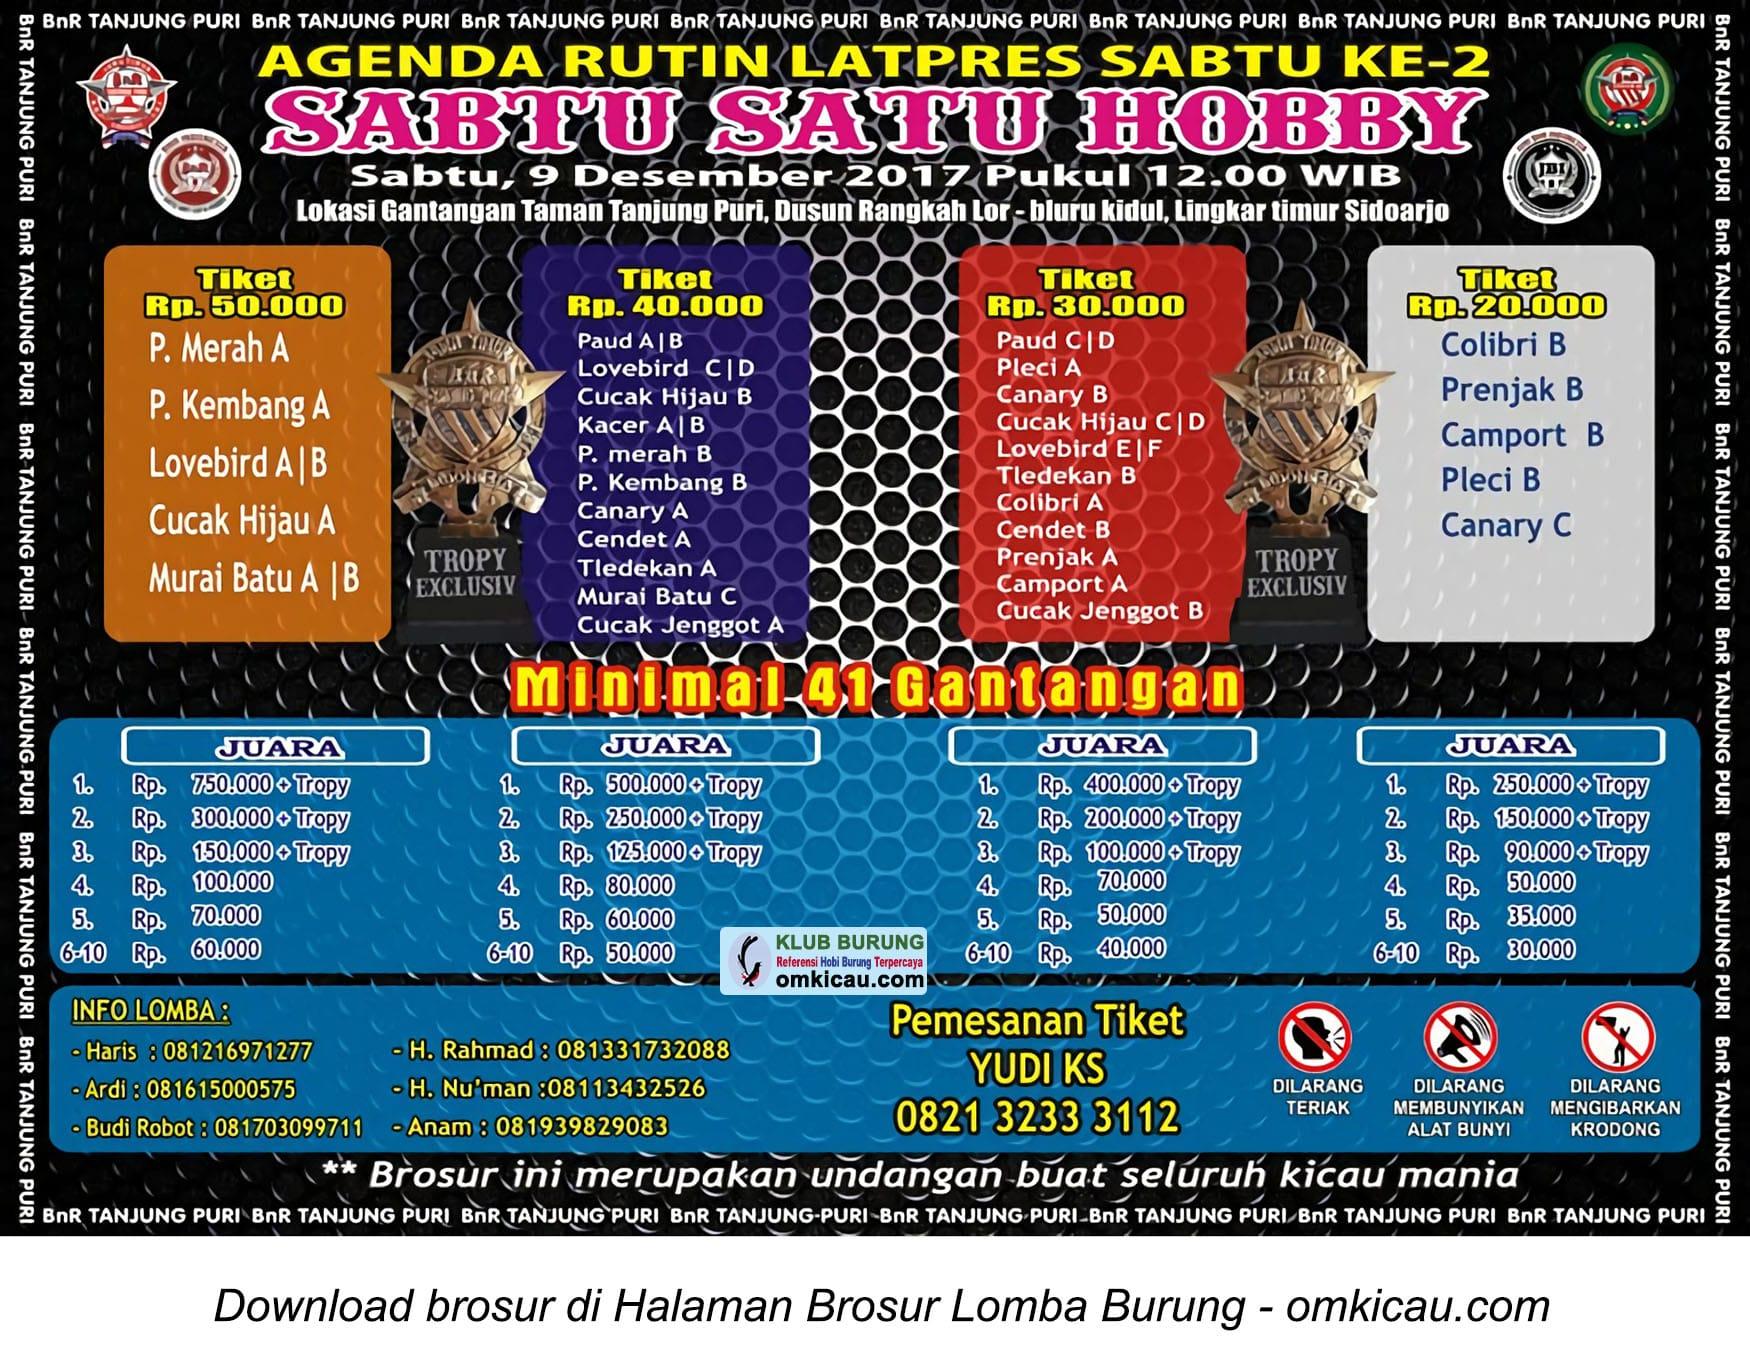 Latpres BnR Tanjung Puri